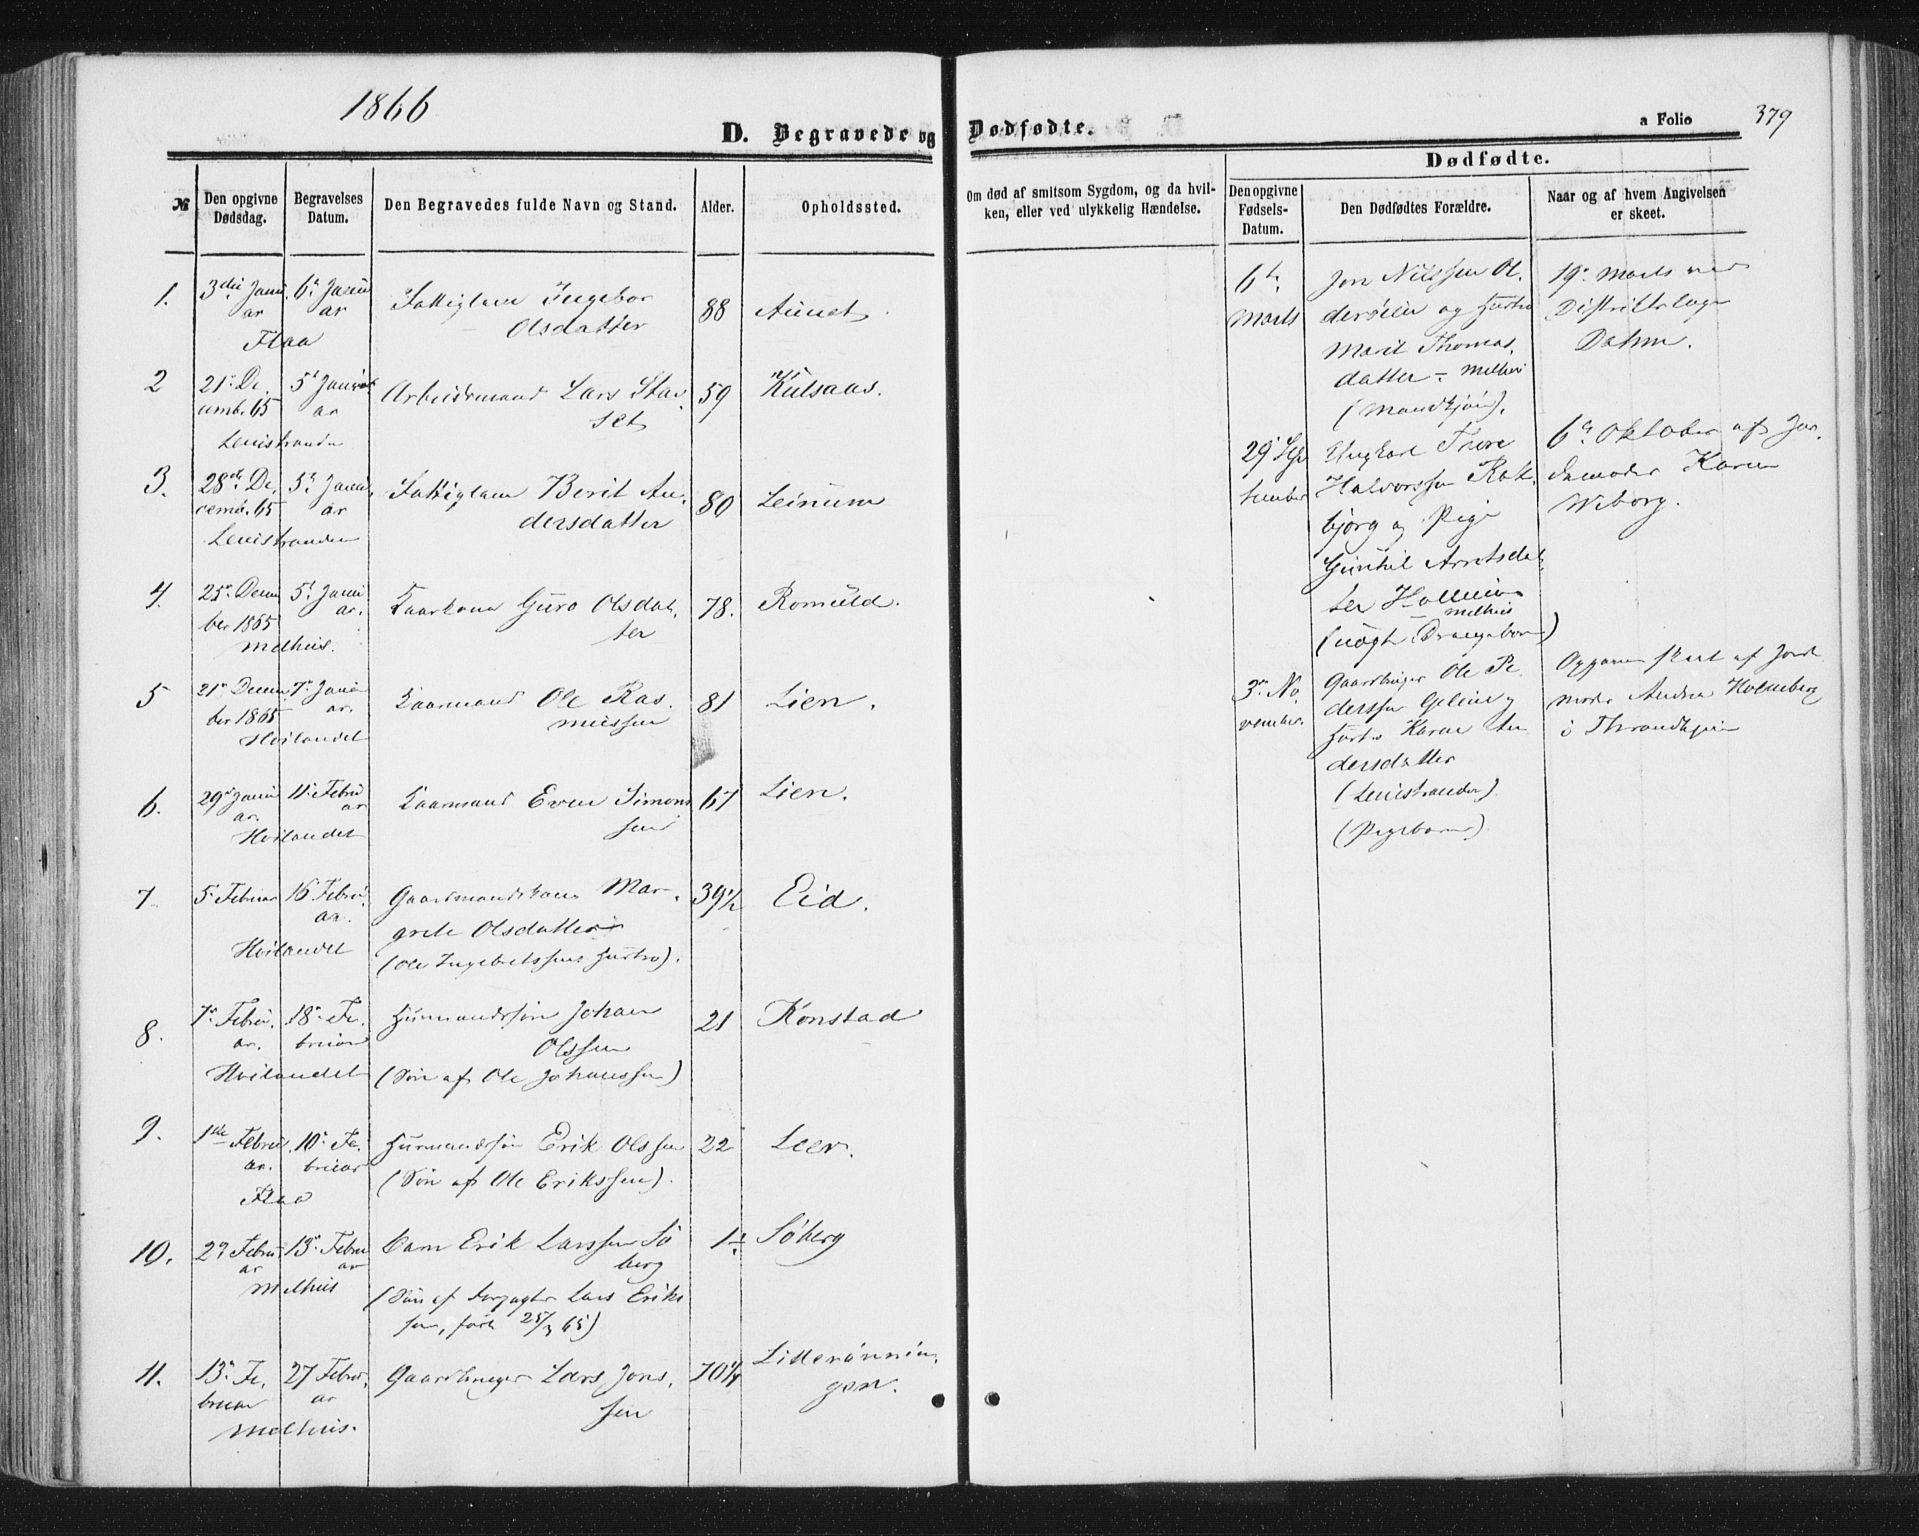 SAT, Ministerialprotokoller, klokkerbøker og fødselsregistre - Sør-Trøndelag, 691/L1077: Ministerialbok nr. 691A09, 1862-1873, s. 379